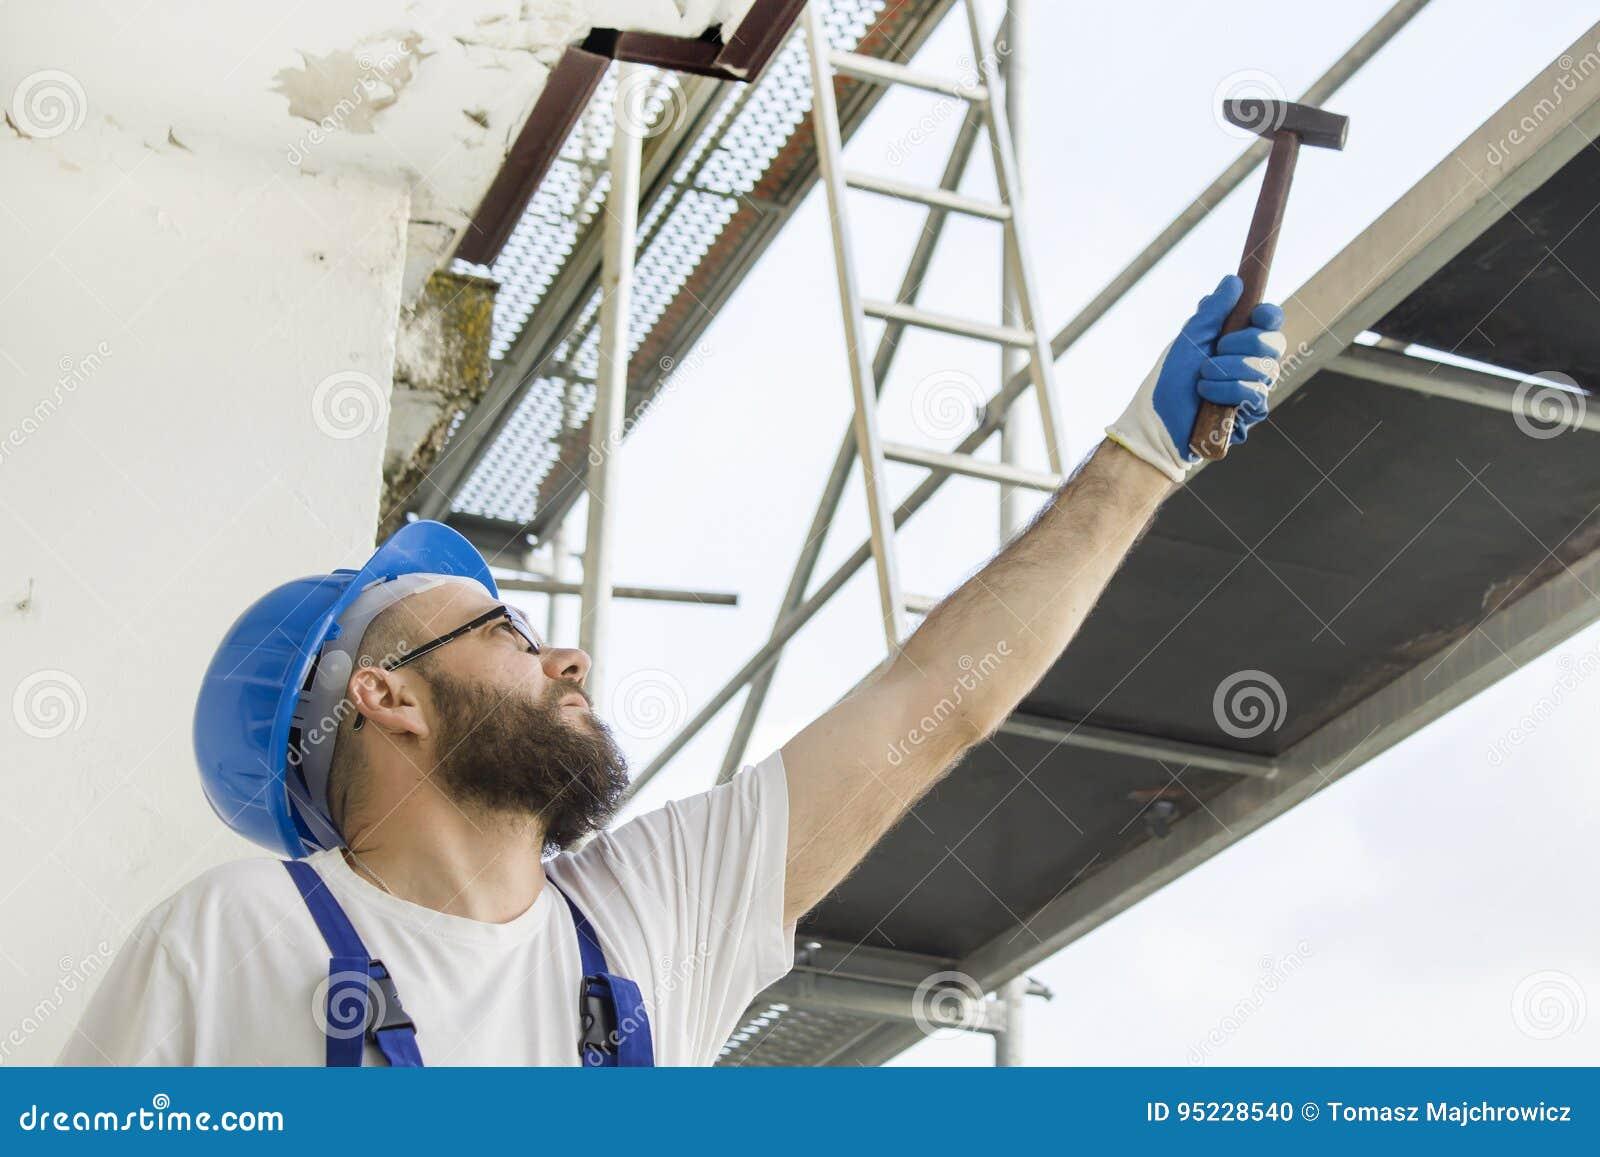 Рабочий-строитель в одежде работы, защитных перчатках и шлеме на голове дает молоток Работа на большой возвышенности ремонтина